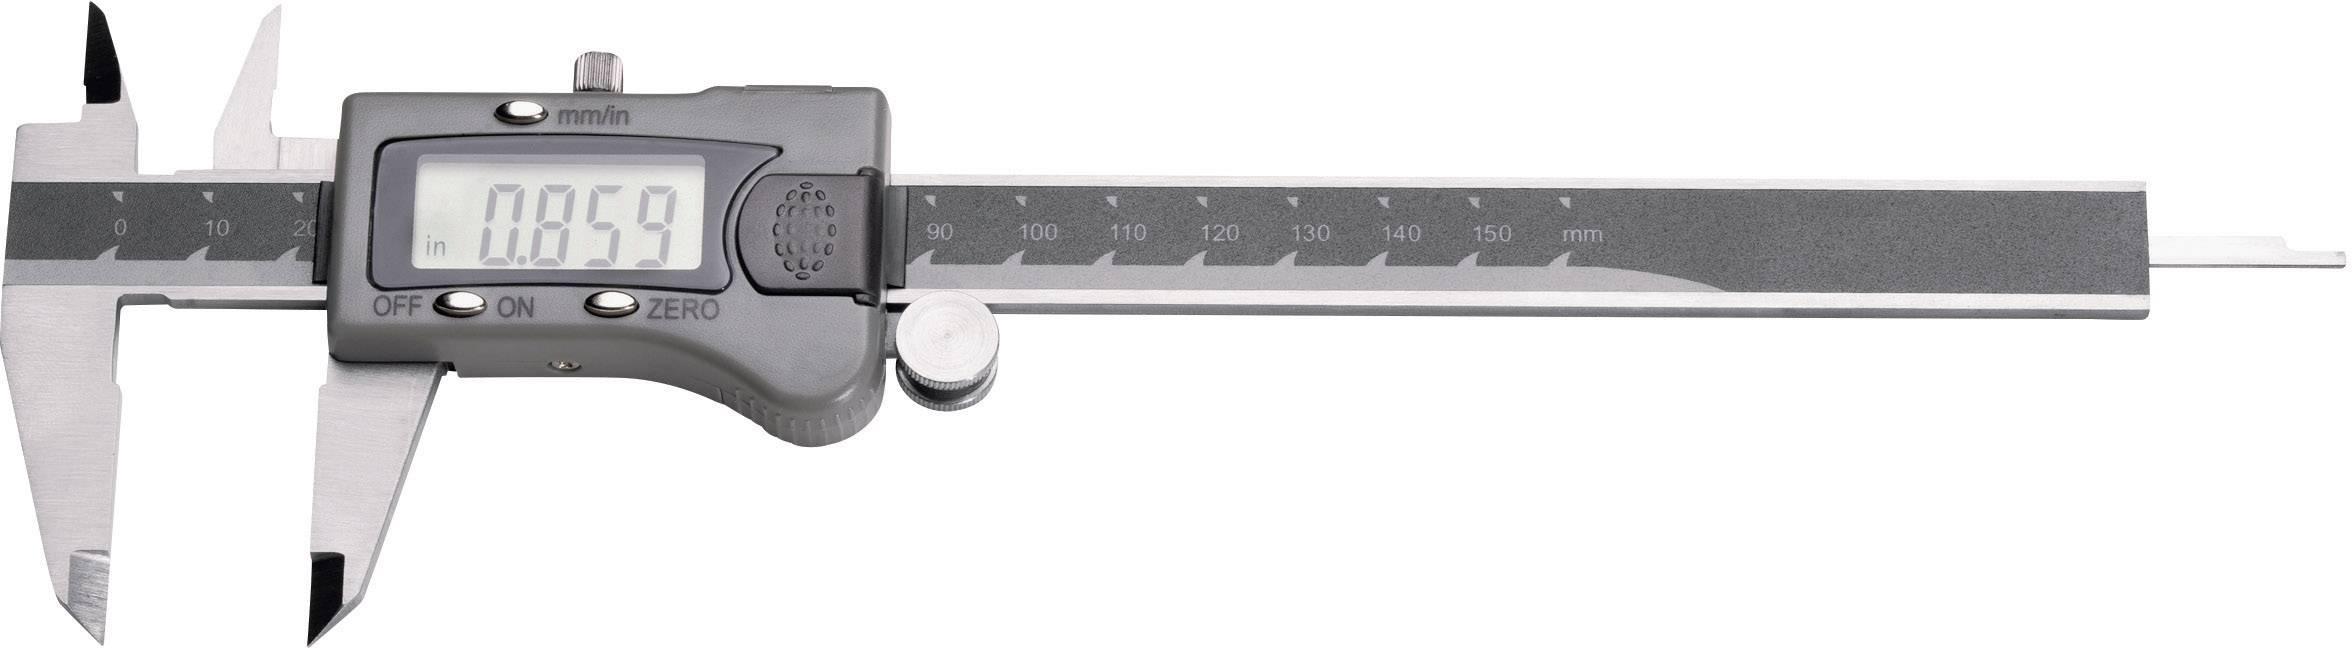 Digitální posuvné měřítko Horex 2211718, měřicí rozsah 200 mm, Kalibrováno dle bez certifikátu